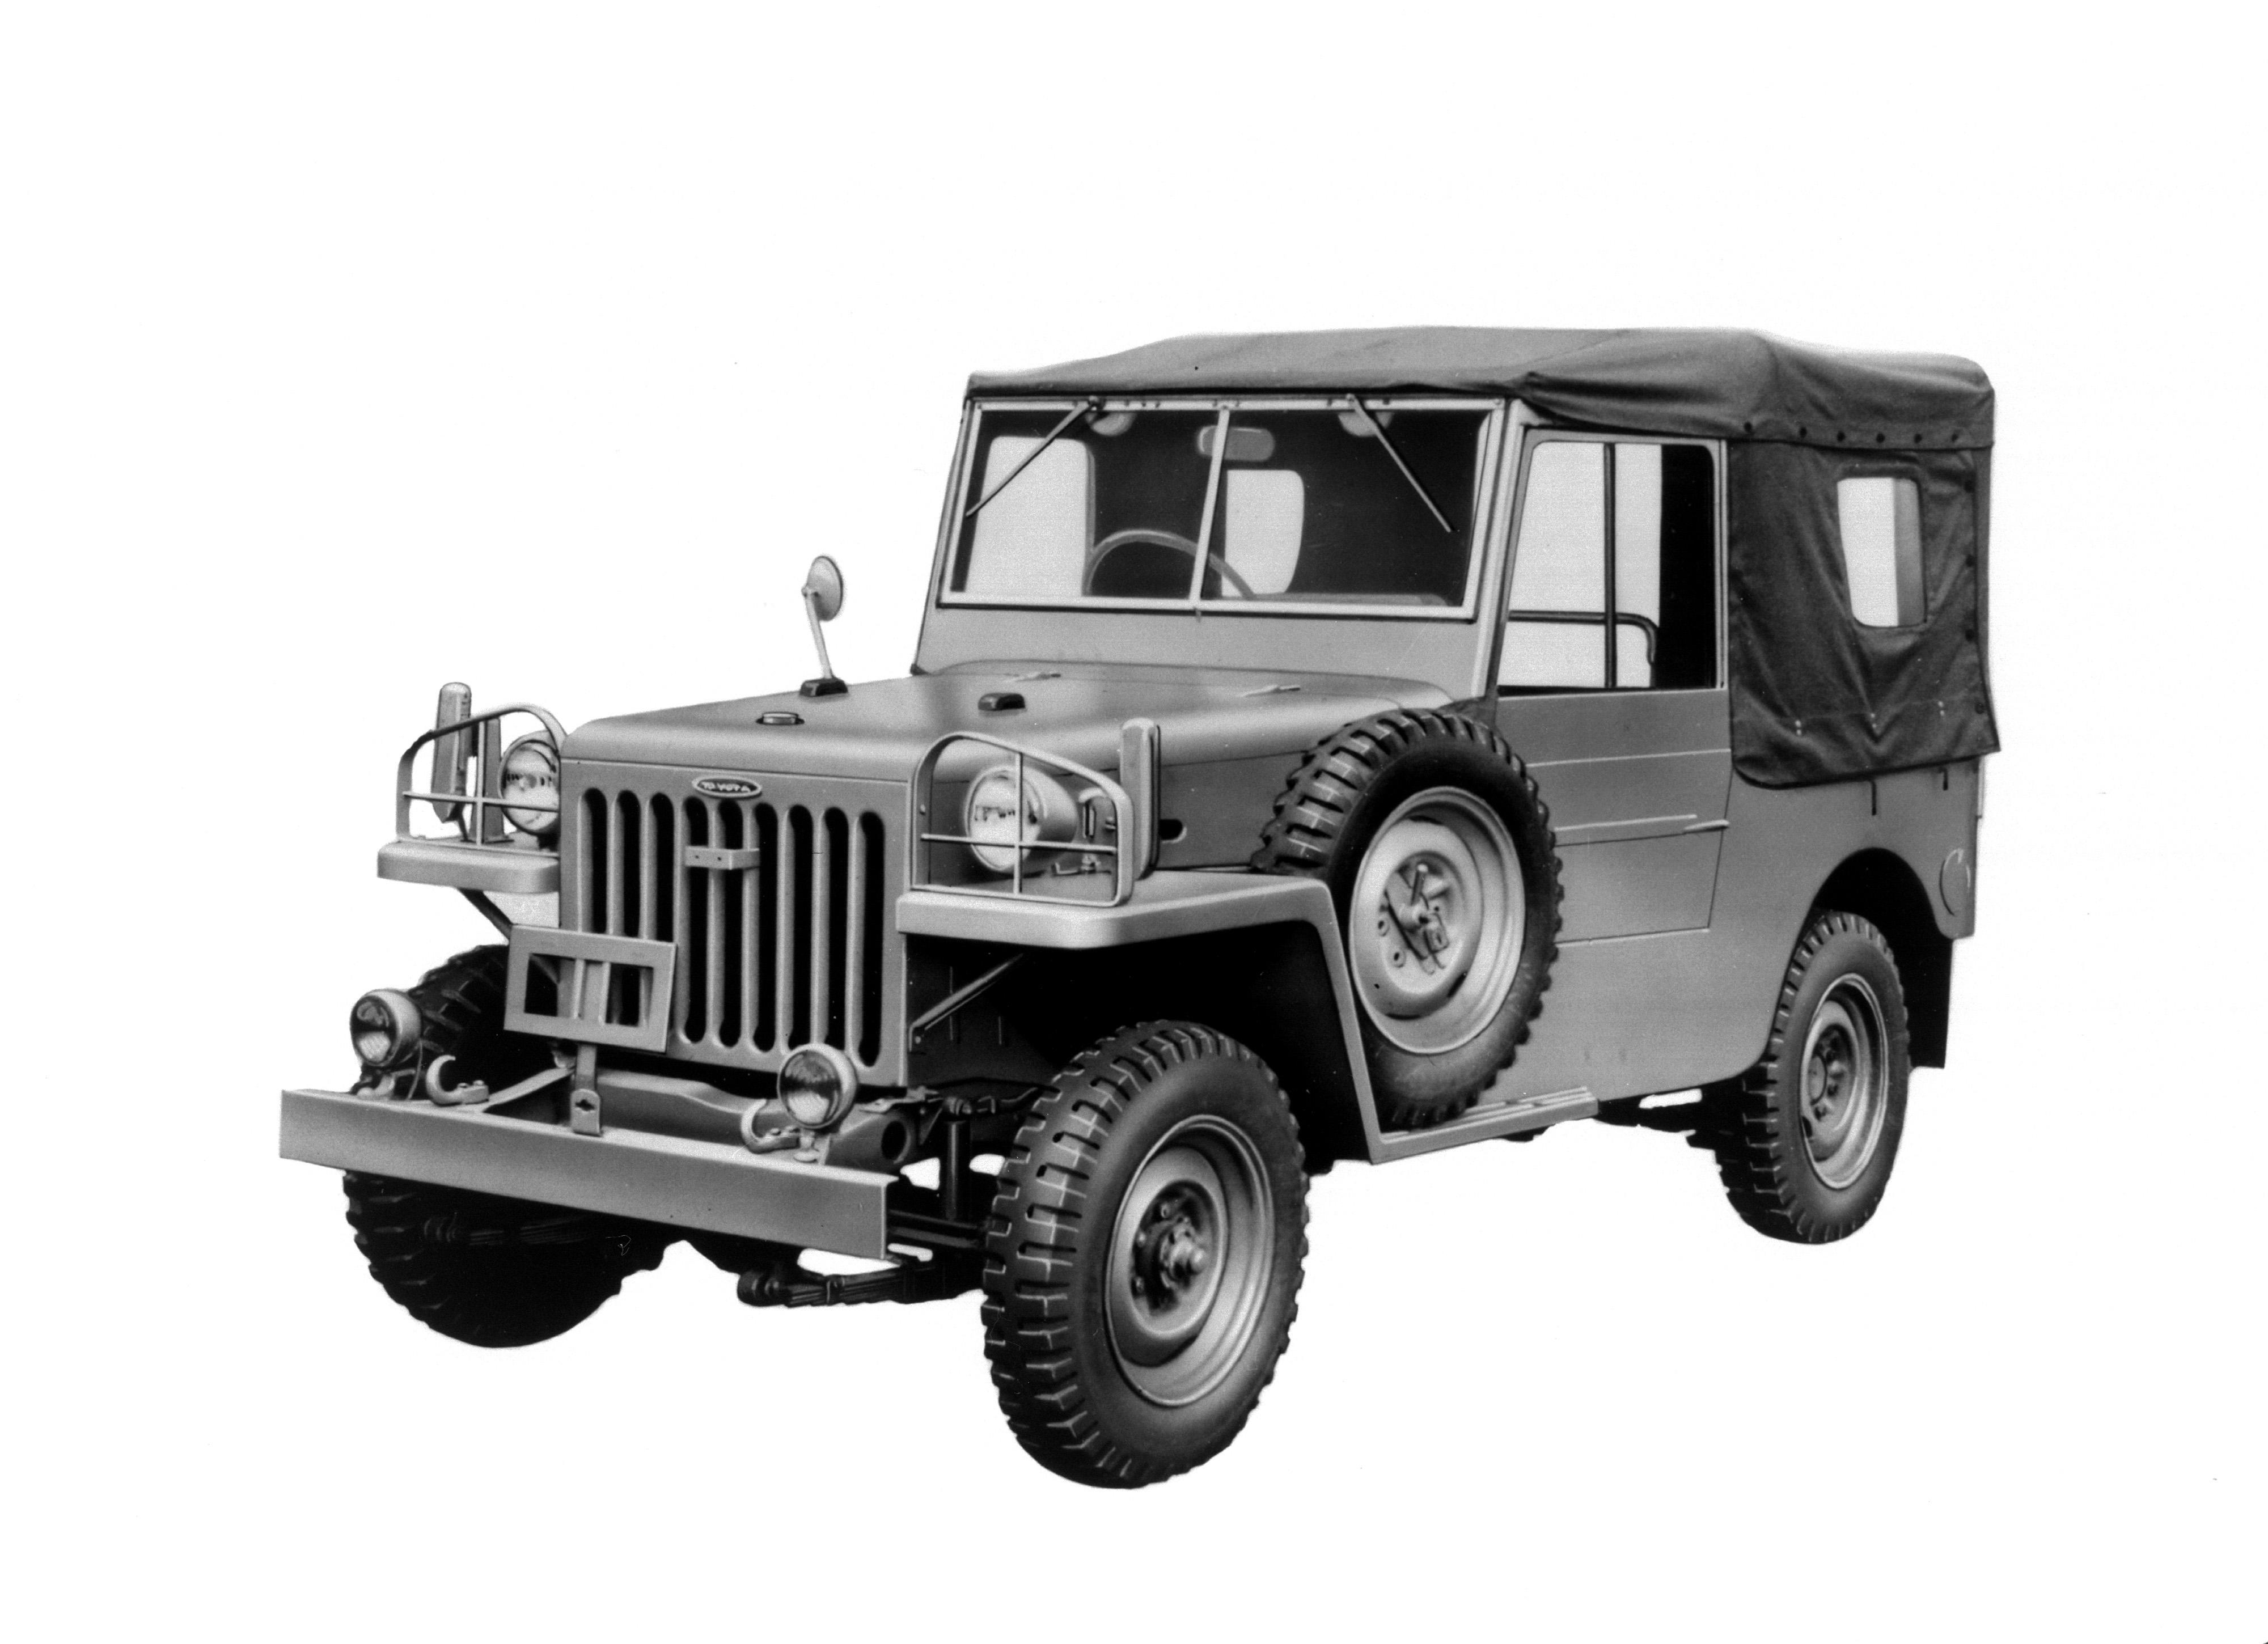 28 août 1937 - Toyota débute sa production automobile — L'annuel de l'automobile